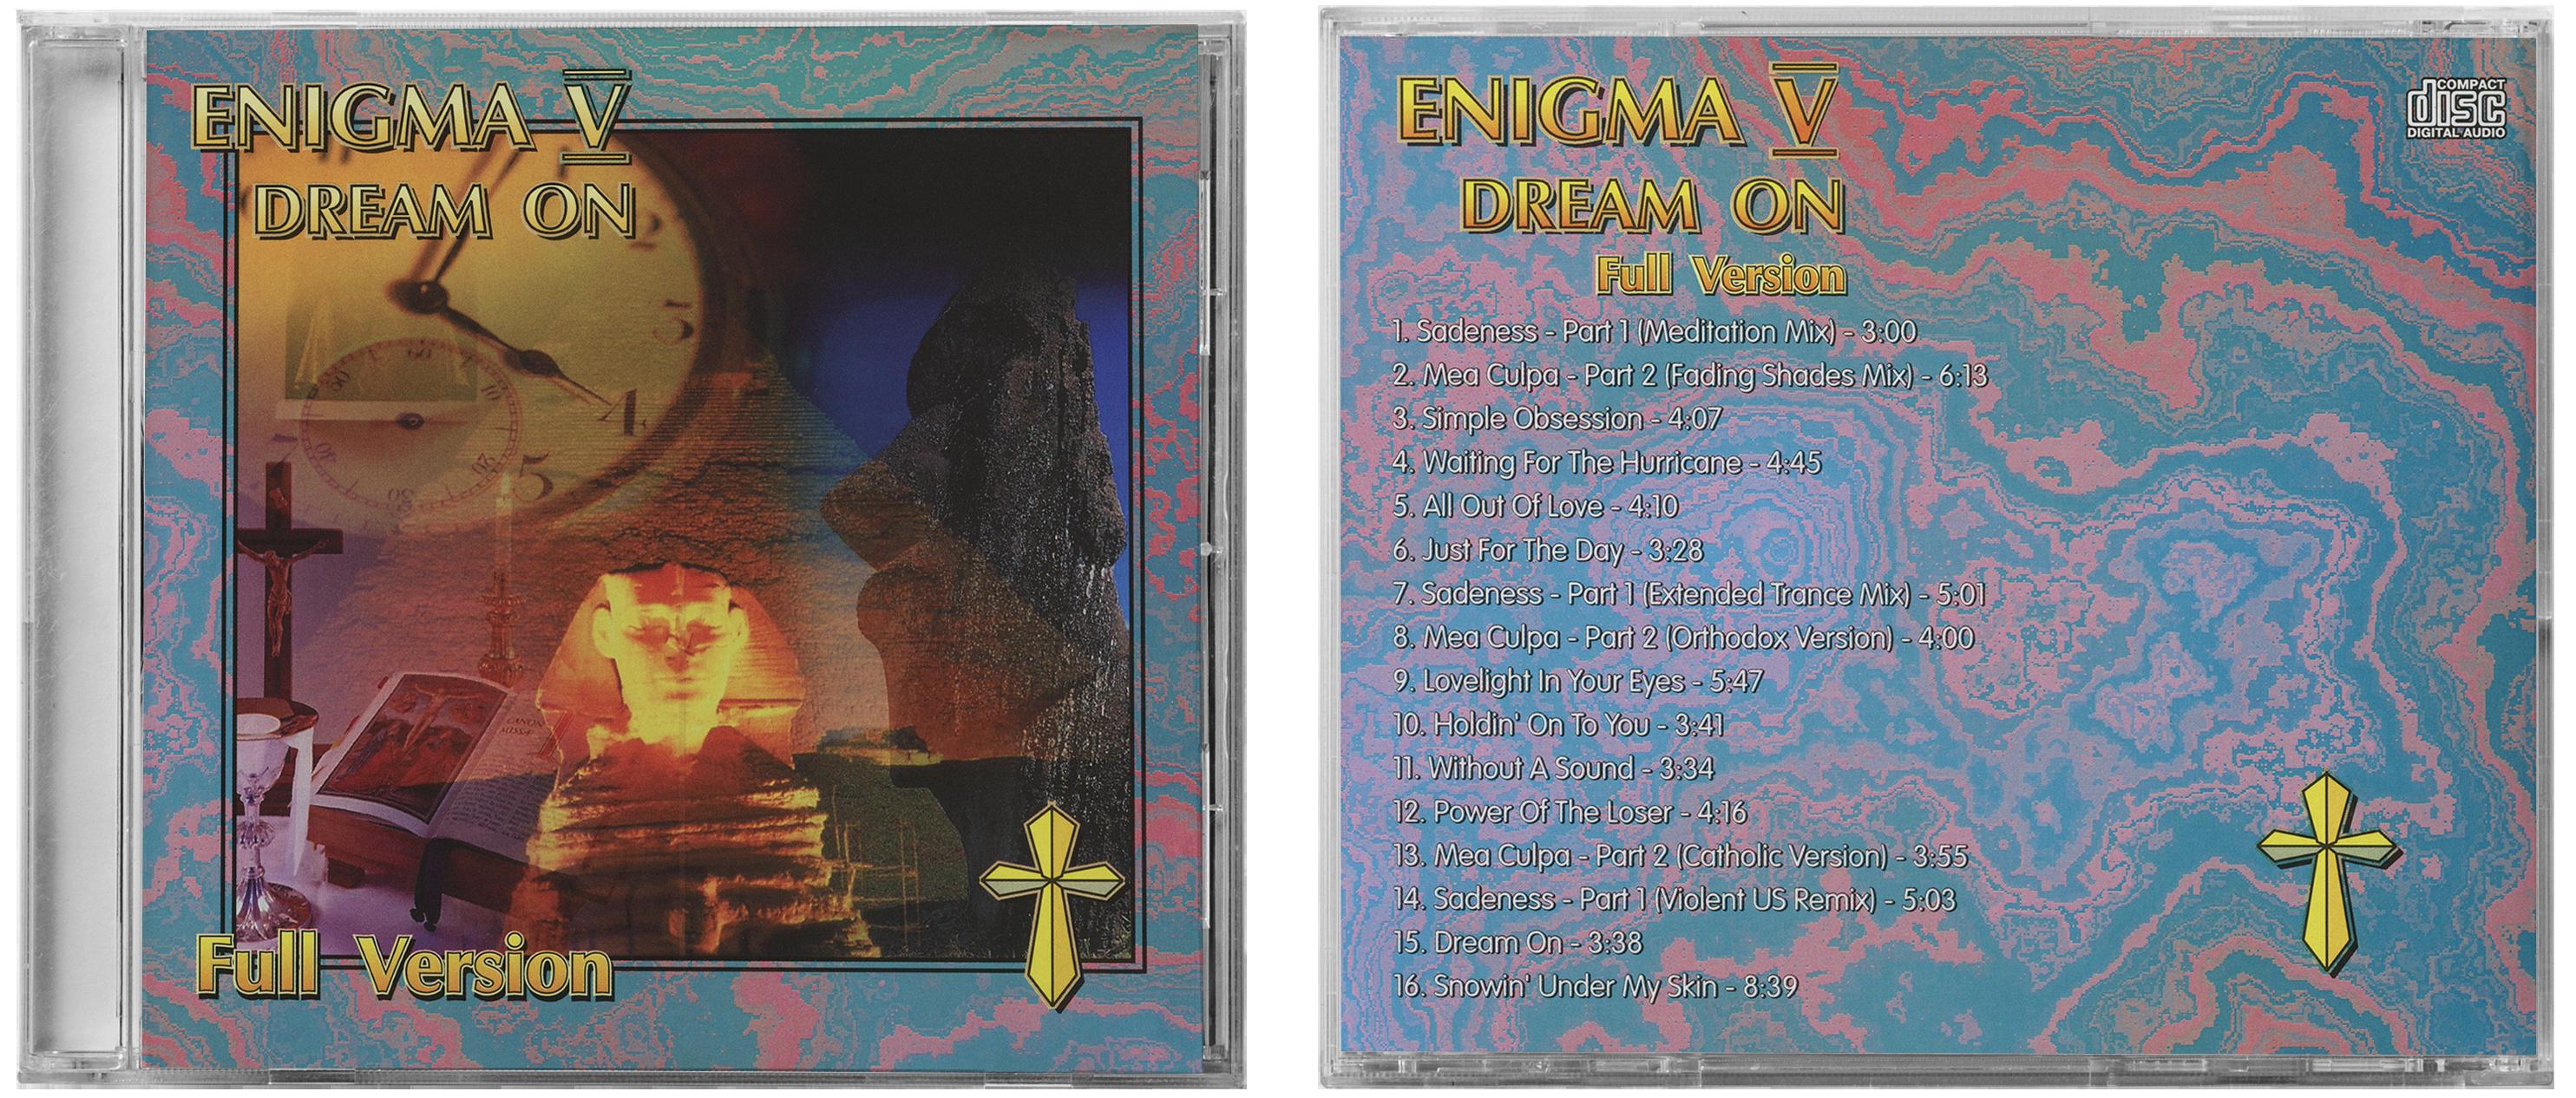 bootleg-andru-donalds-enigma-v-dream-on-